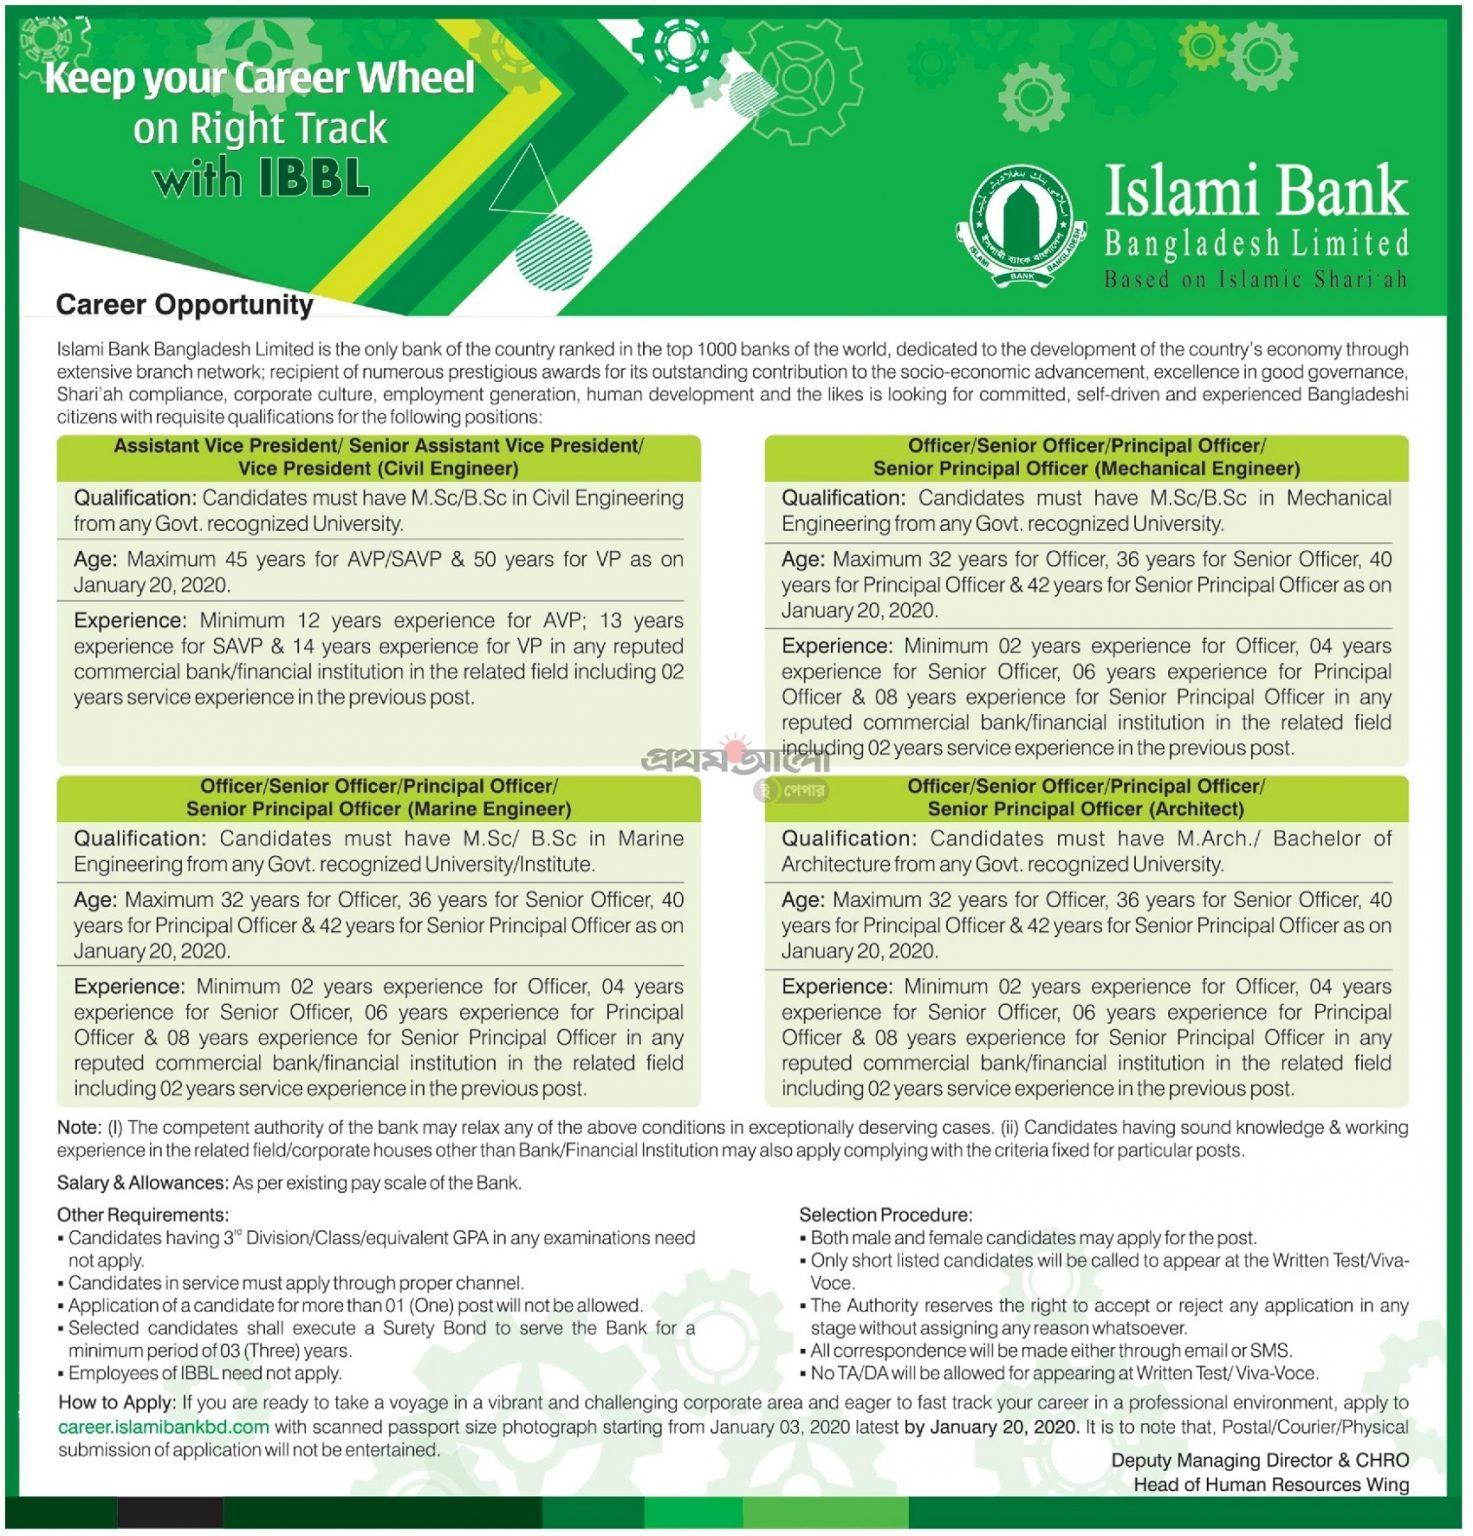 Islami Bank Limited Bangladesh Jobs Circular 2020